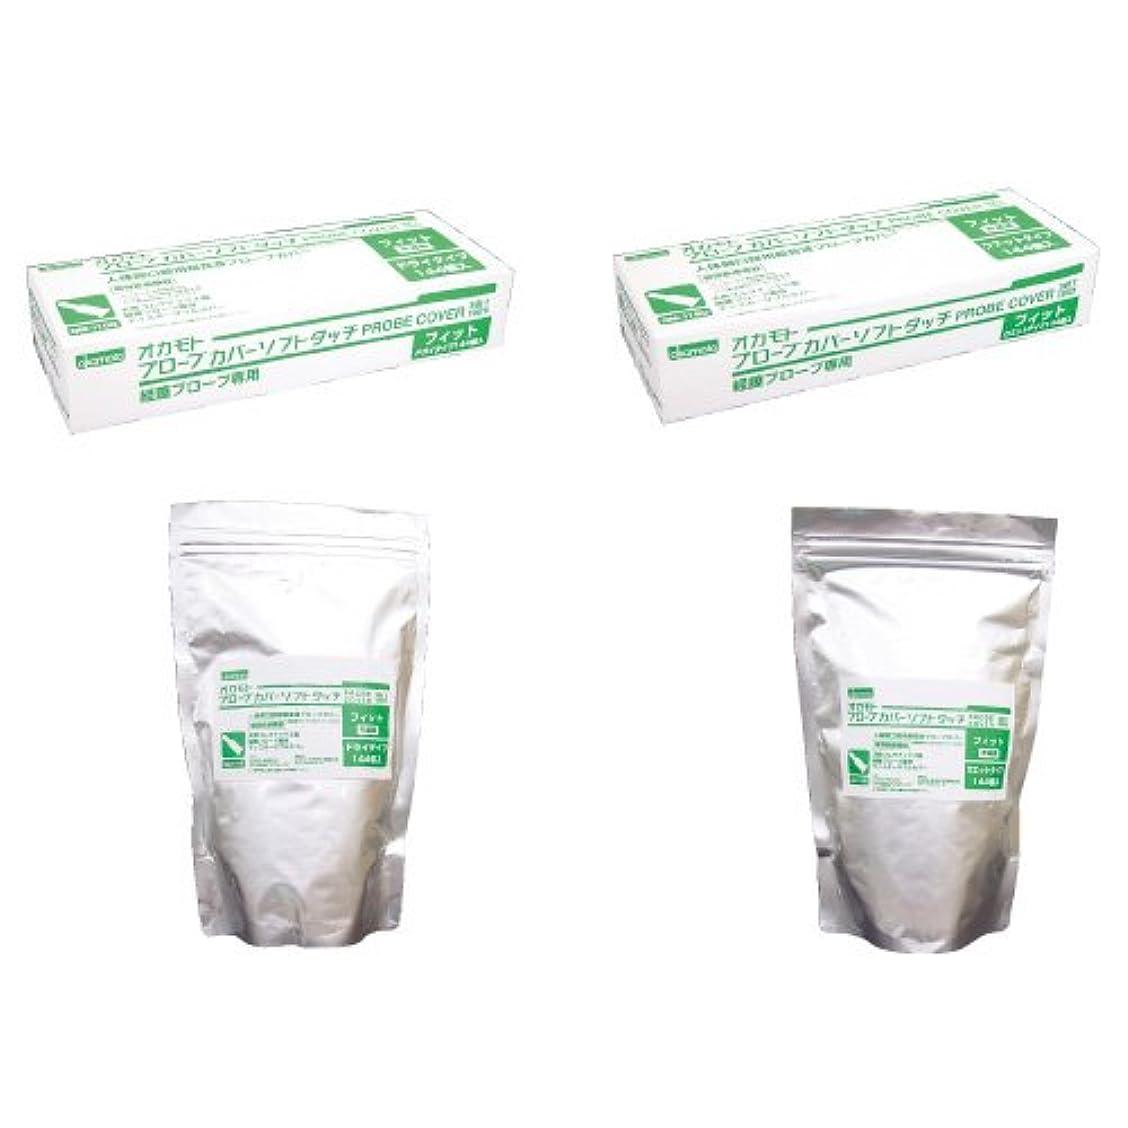 歩き回る胸予測子ソフトタッチ フィットドライ未滅菌 OM-1100(1X144入)